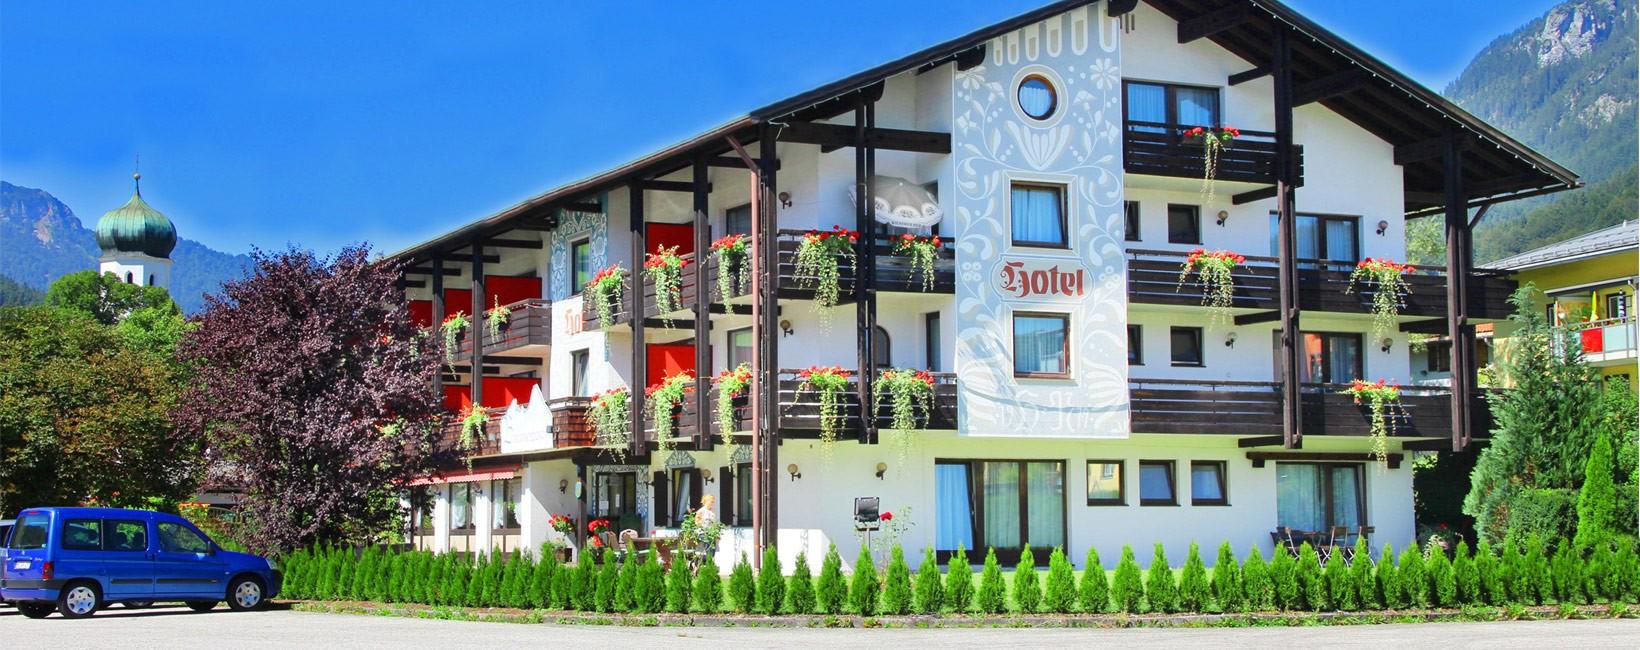 Hotel Brennerbascht Sommer